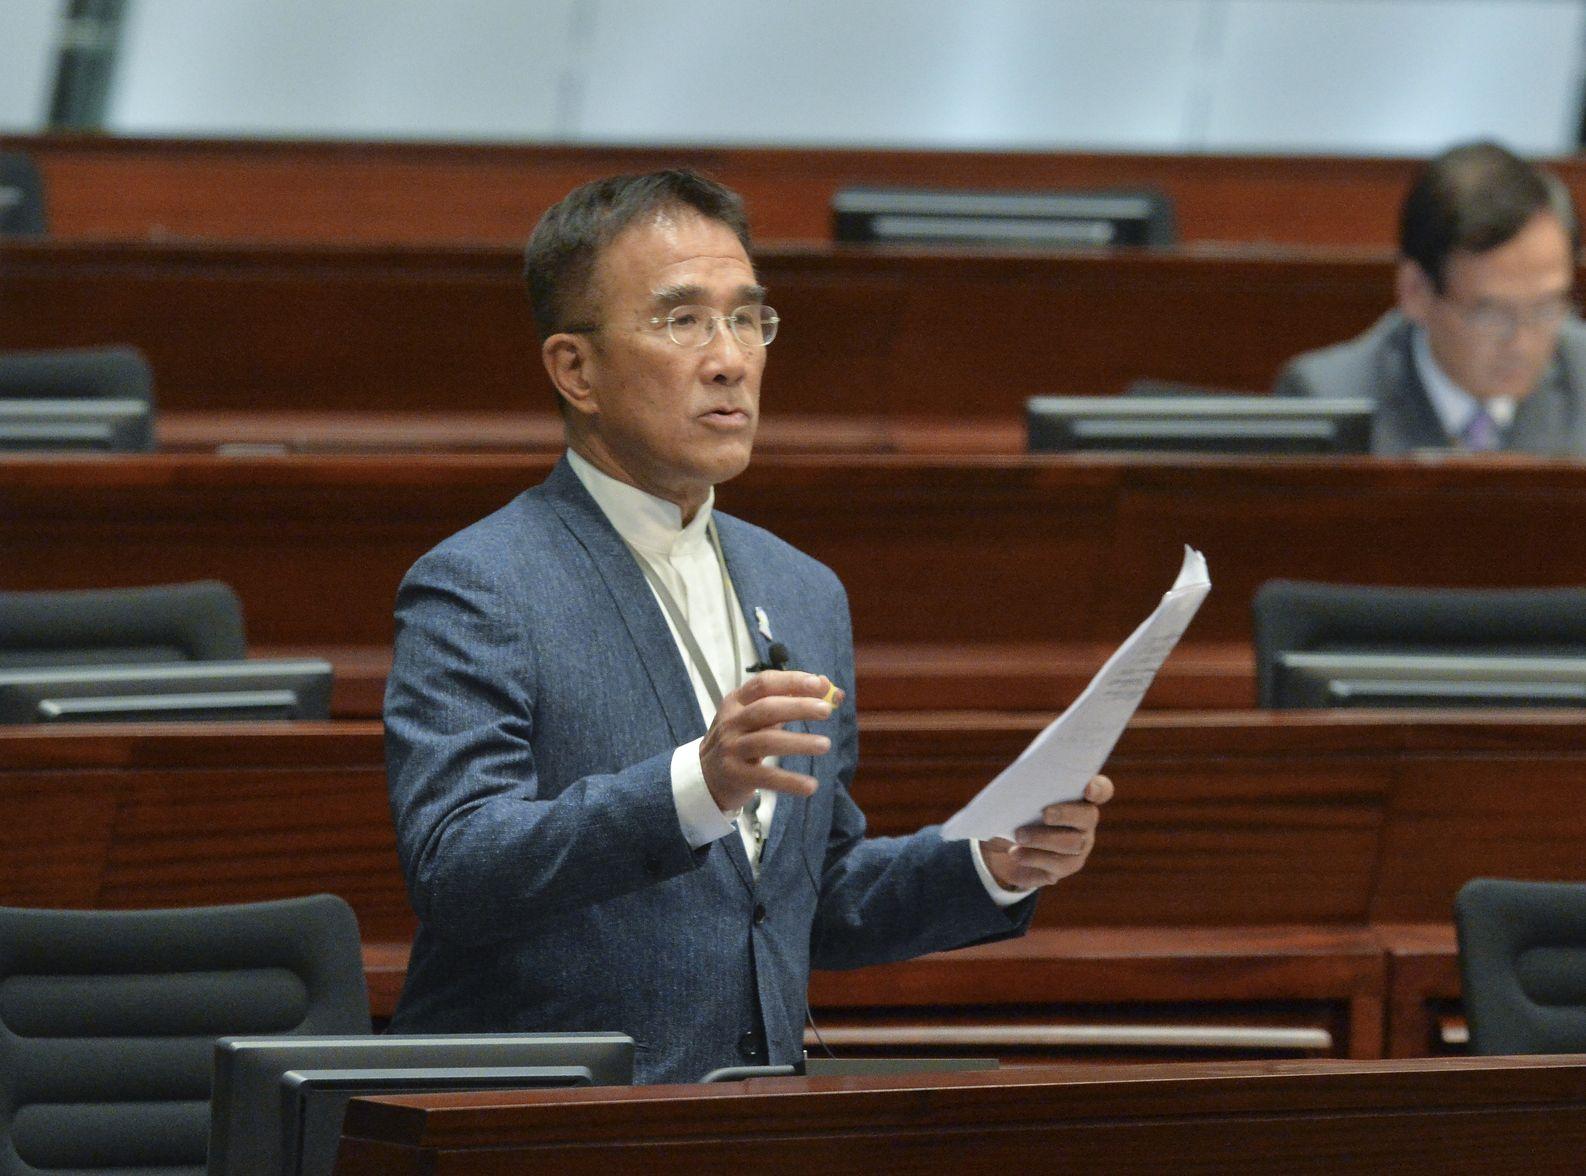 田北辰批評,港鐵監管「九流」,導致今日的亂局。資料圖片